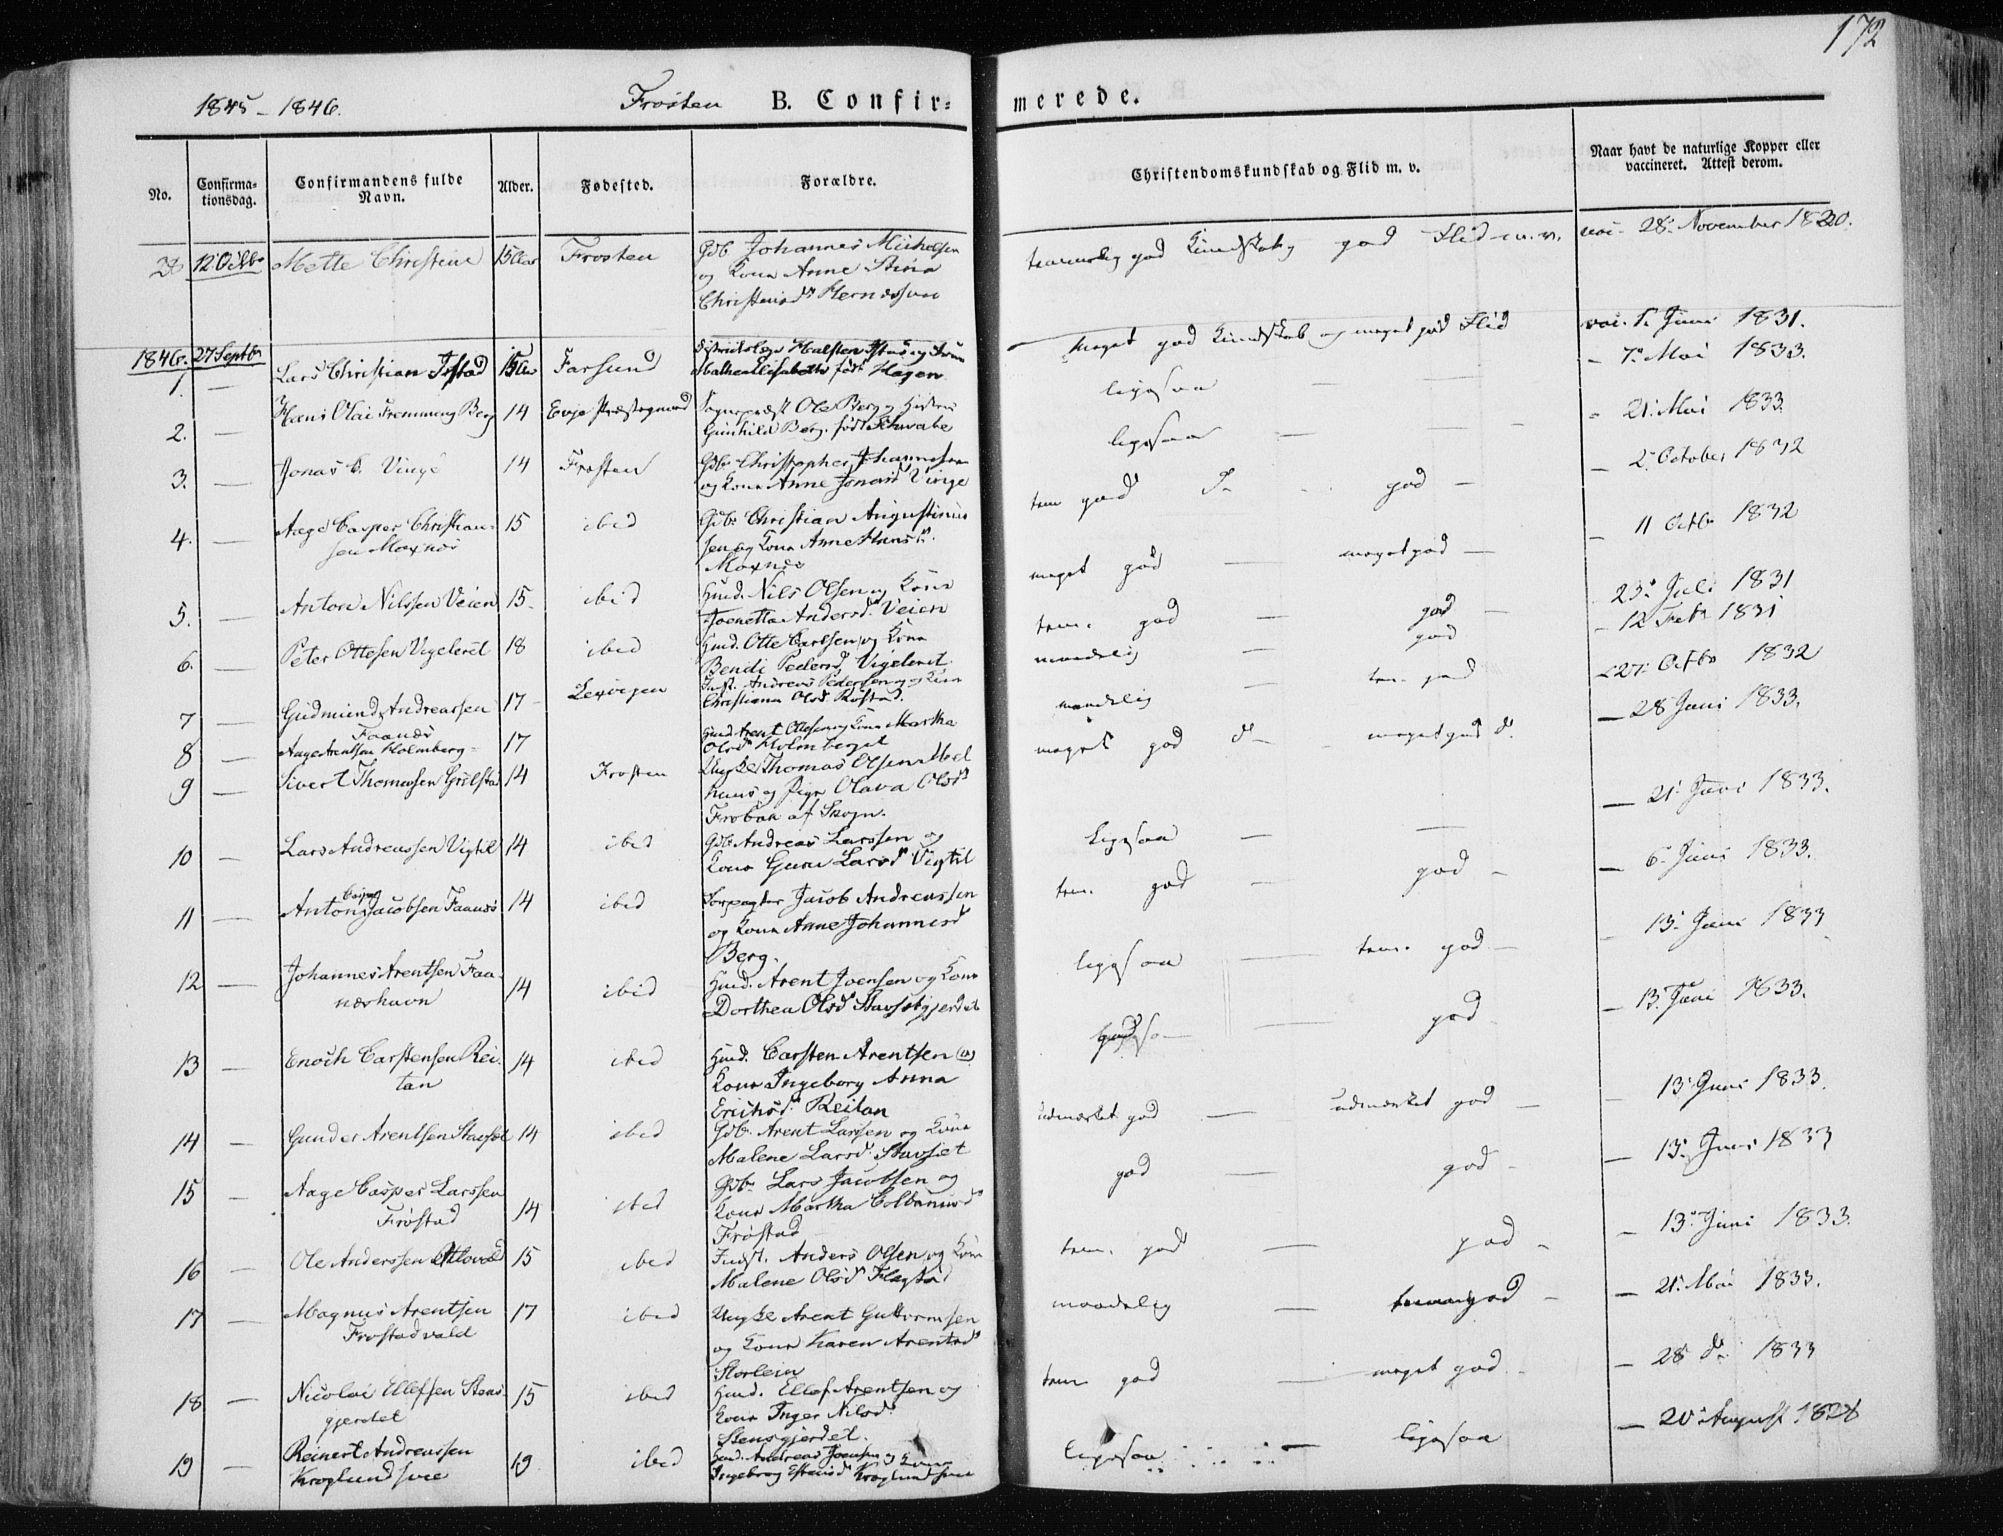 SAT, Ministerialprotokoller, klokkerbøker og fødselsregistre - Nord-Trøndelag, 713/L0115: Ministerialbok nr. 713A06, 1838-1851, s. 172